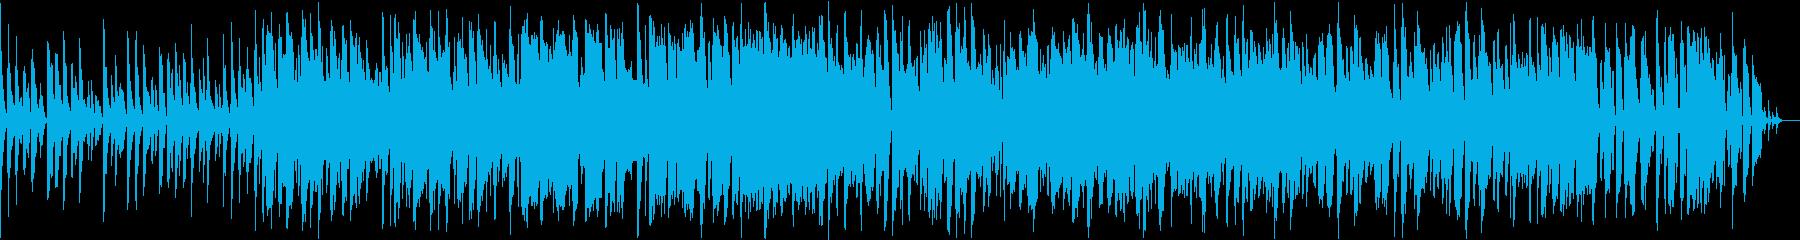 ファンキーでお洒落なジャズファンクBGMの再生済みの波形